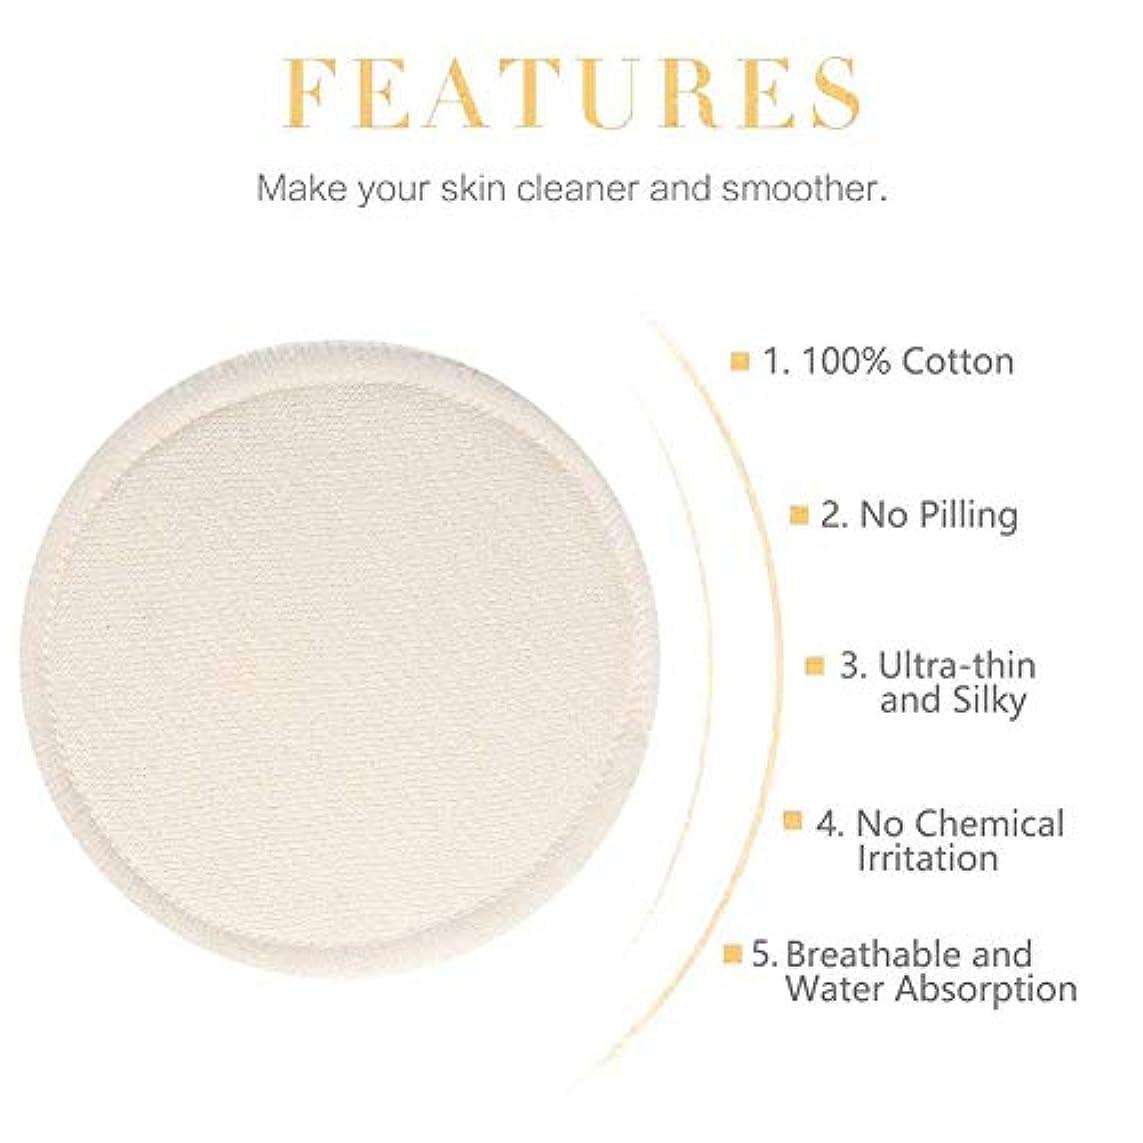 確執分配しますバイオリンcolmall 12ピース 再利用可能な3層ベルベットコットンパッド コットンラウンド 敏感肌用 デイリー 再使用可能なケミカルフリーコットンパッド 環境にやさしい 洗える化粧用リムーバーコットンパッド 化粧品エコ ウォッシュバッグ...